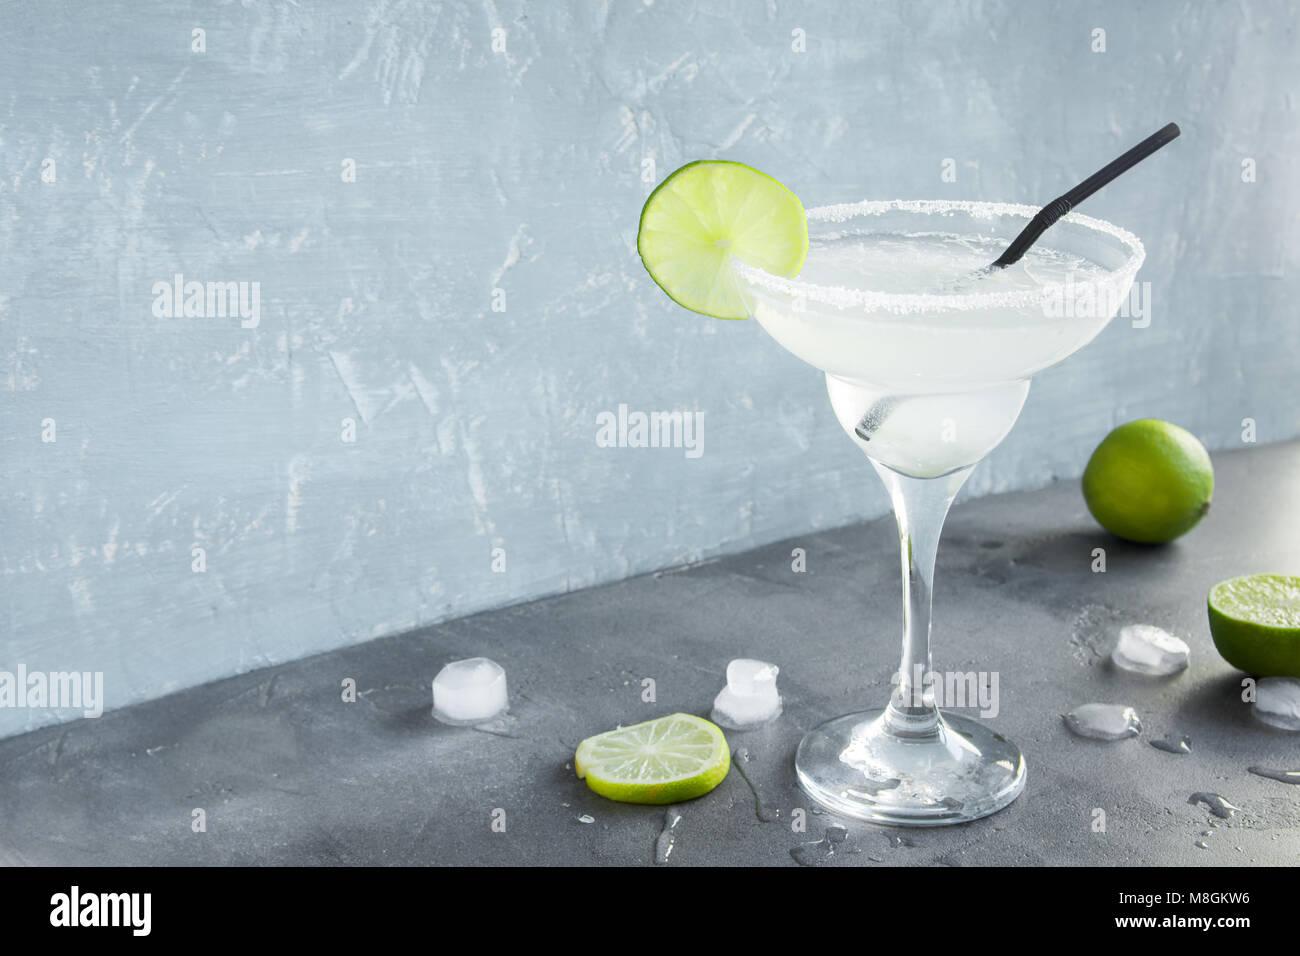 Margarita Сocktail con limón y hielo de hormigón gris de fondo, copia el espacio. Margarita clásica Imagen De Stock